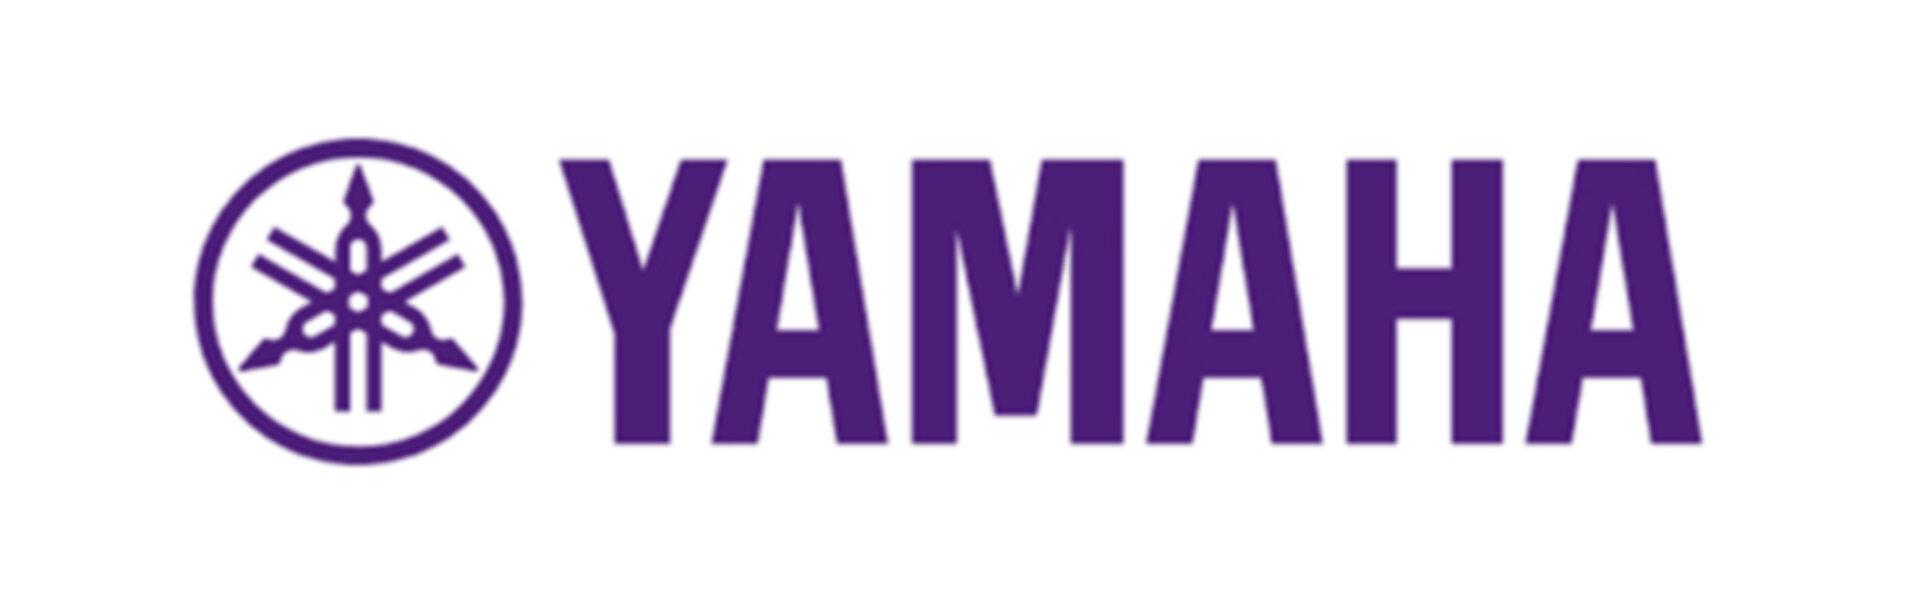 yamaha bilbao